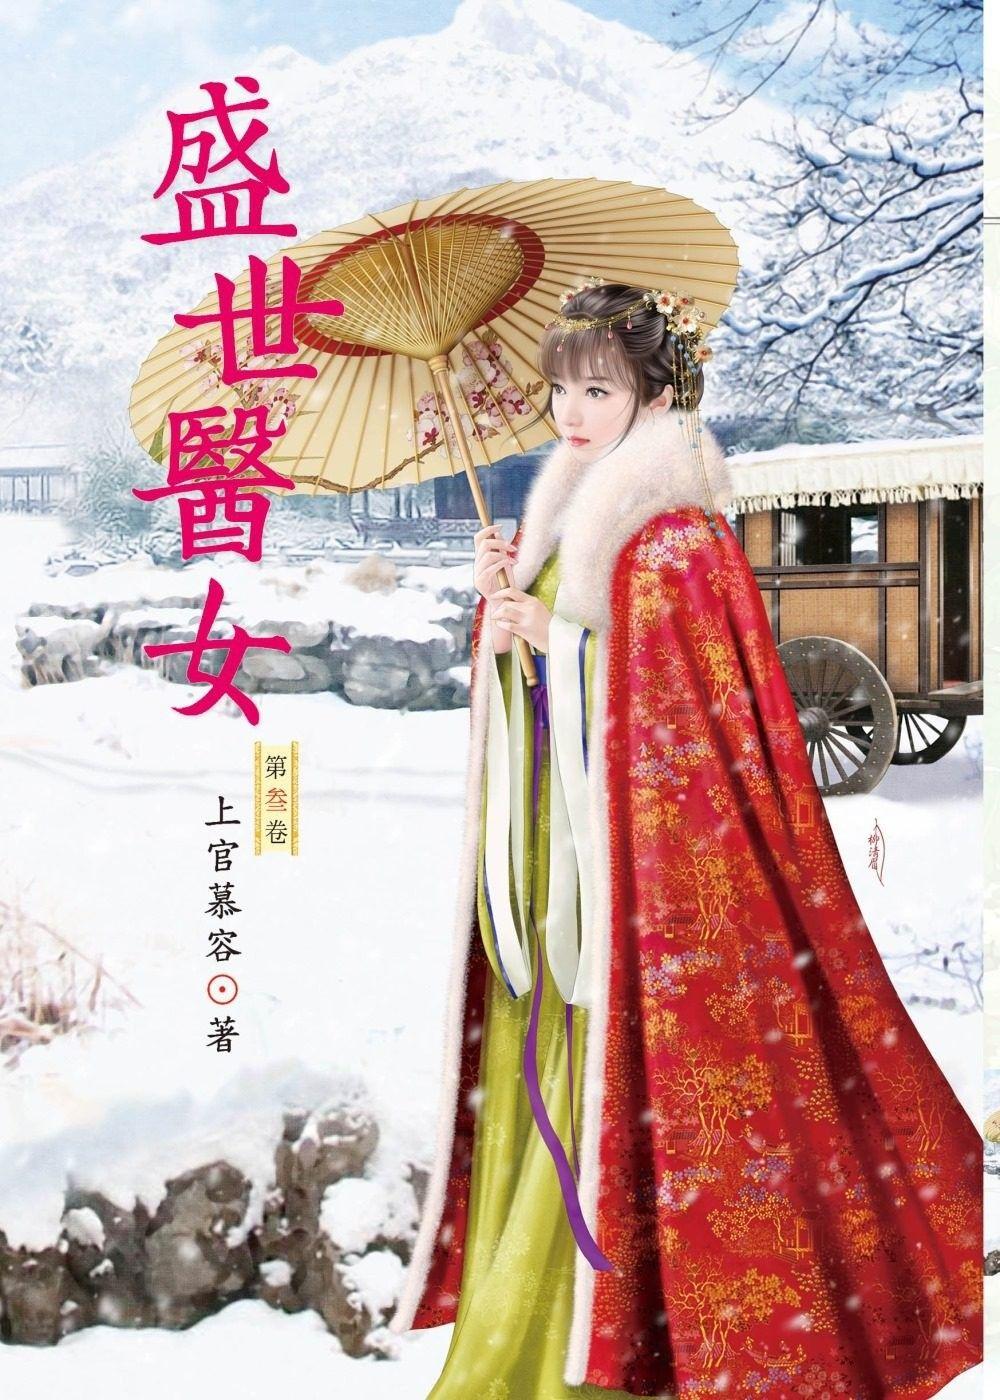 Ghim của Yi trên Girl illustrations Hình ảnh